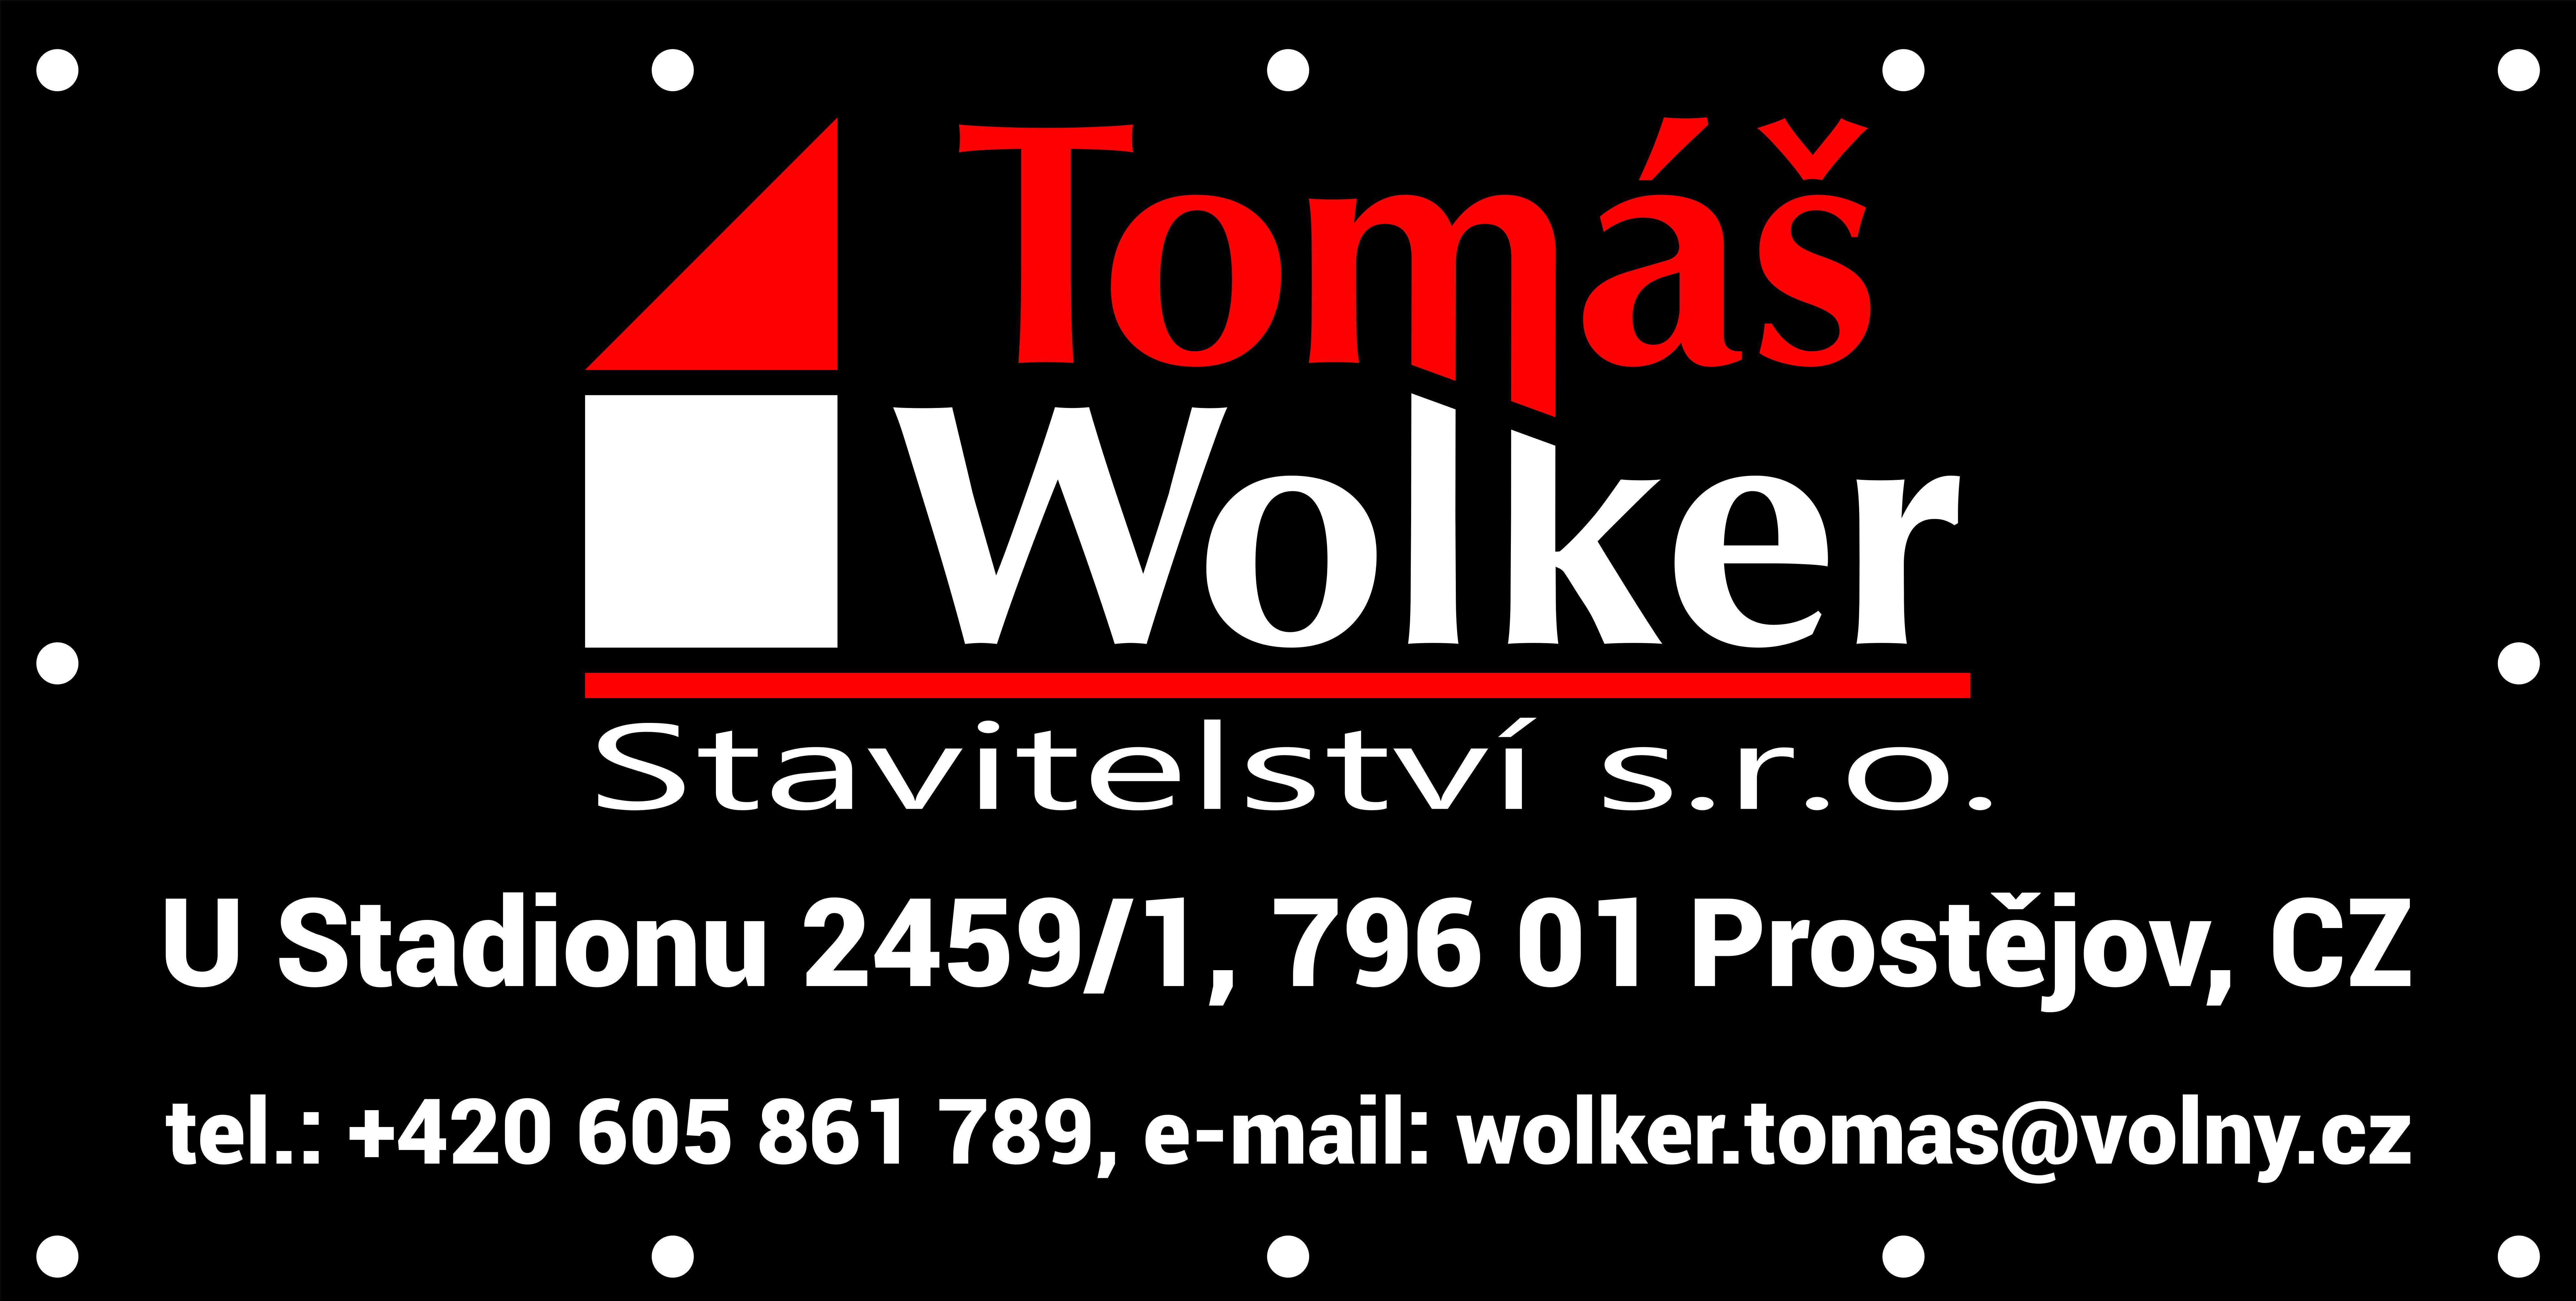 Tomáš Wolker - Stavitelství s.r.o.